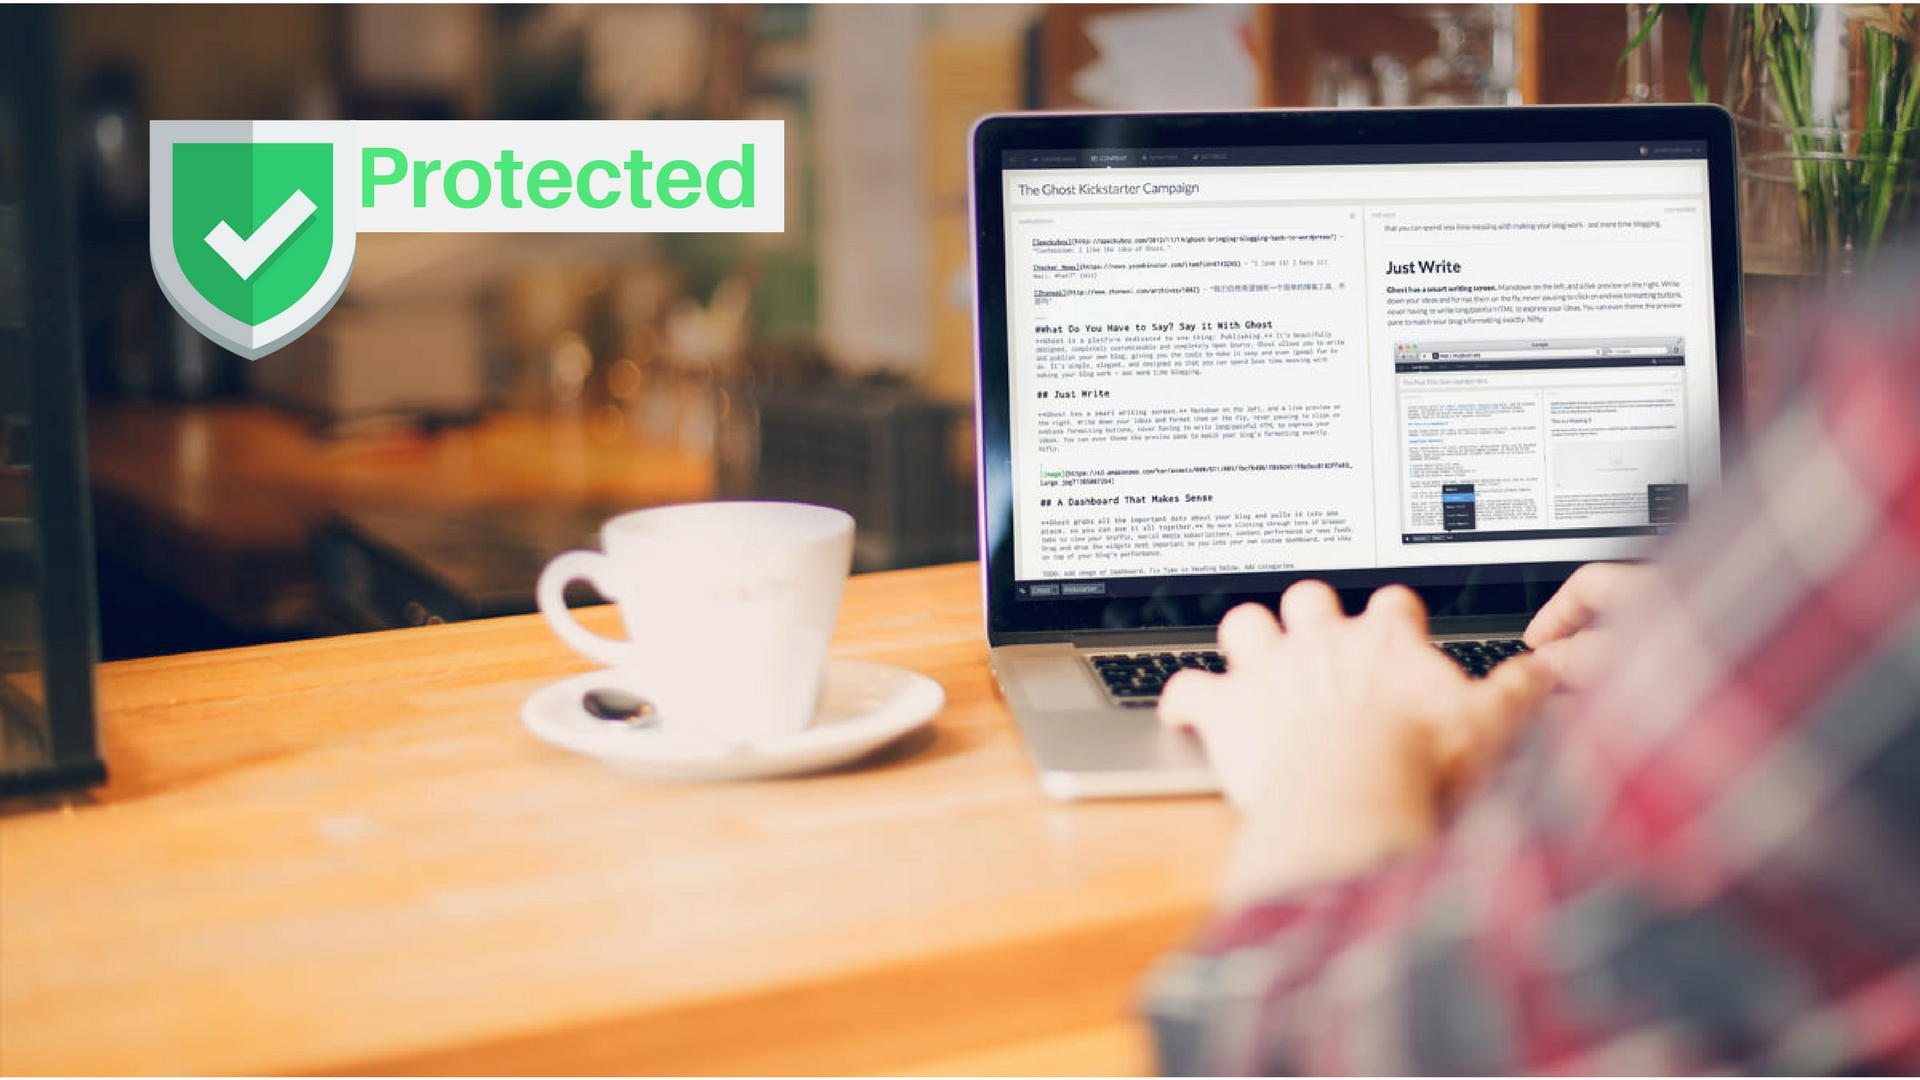 Mensagem de Endpoint Proteciton e com uma pessoa trabalhando em uma mesa com um notebook e uma xícara de café ao lado